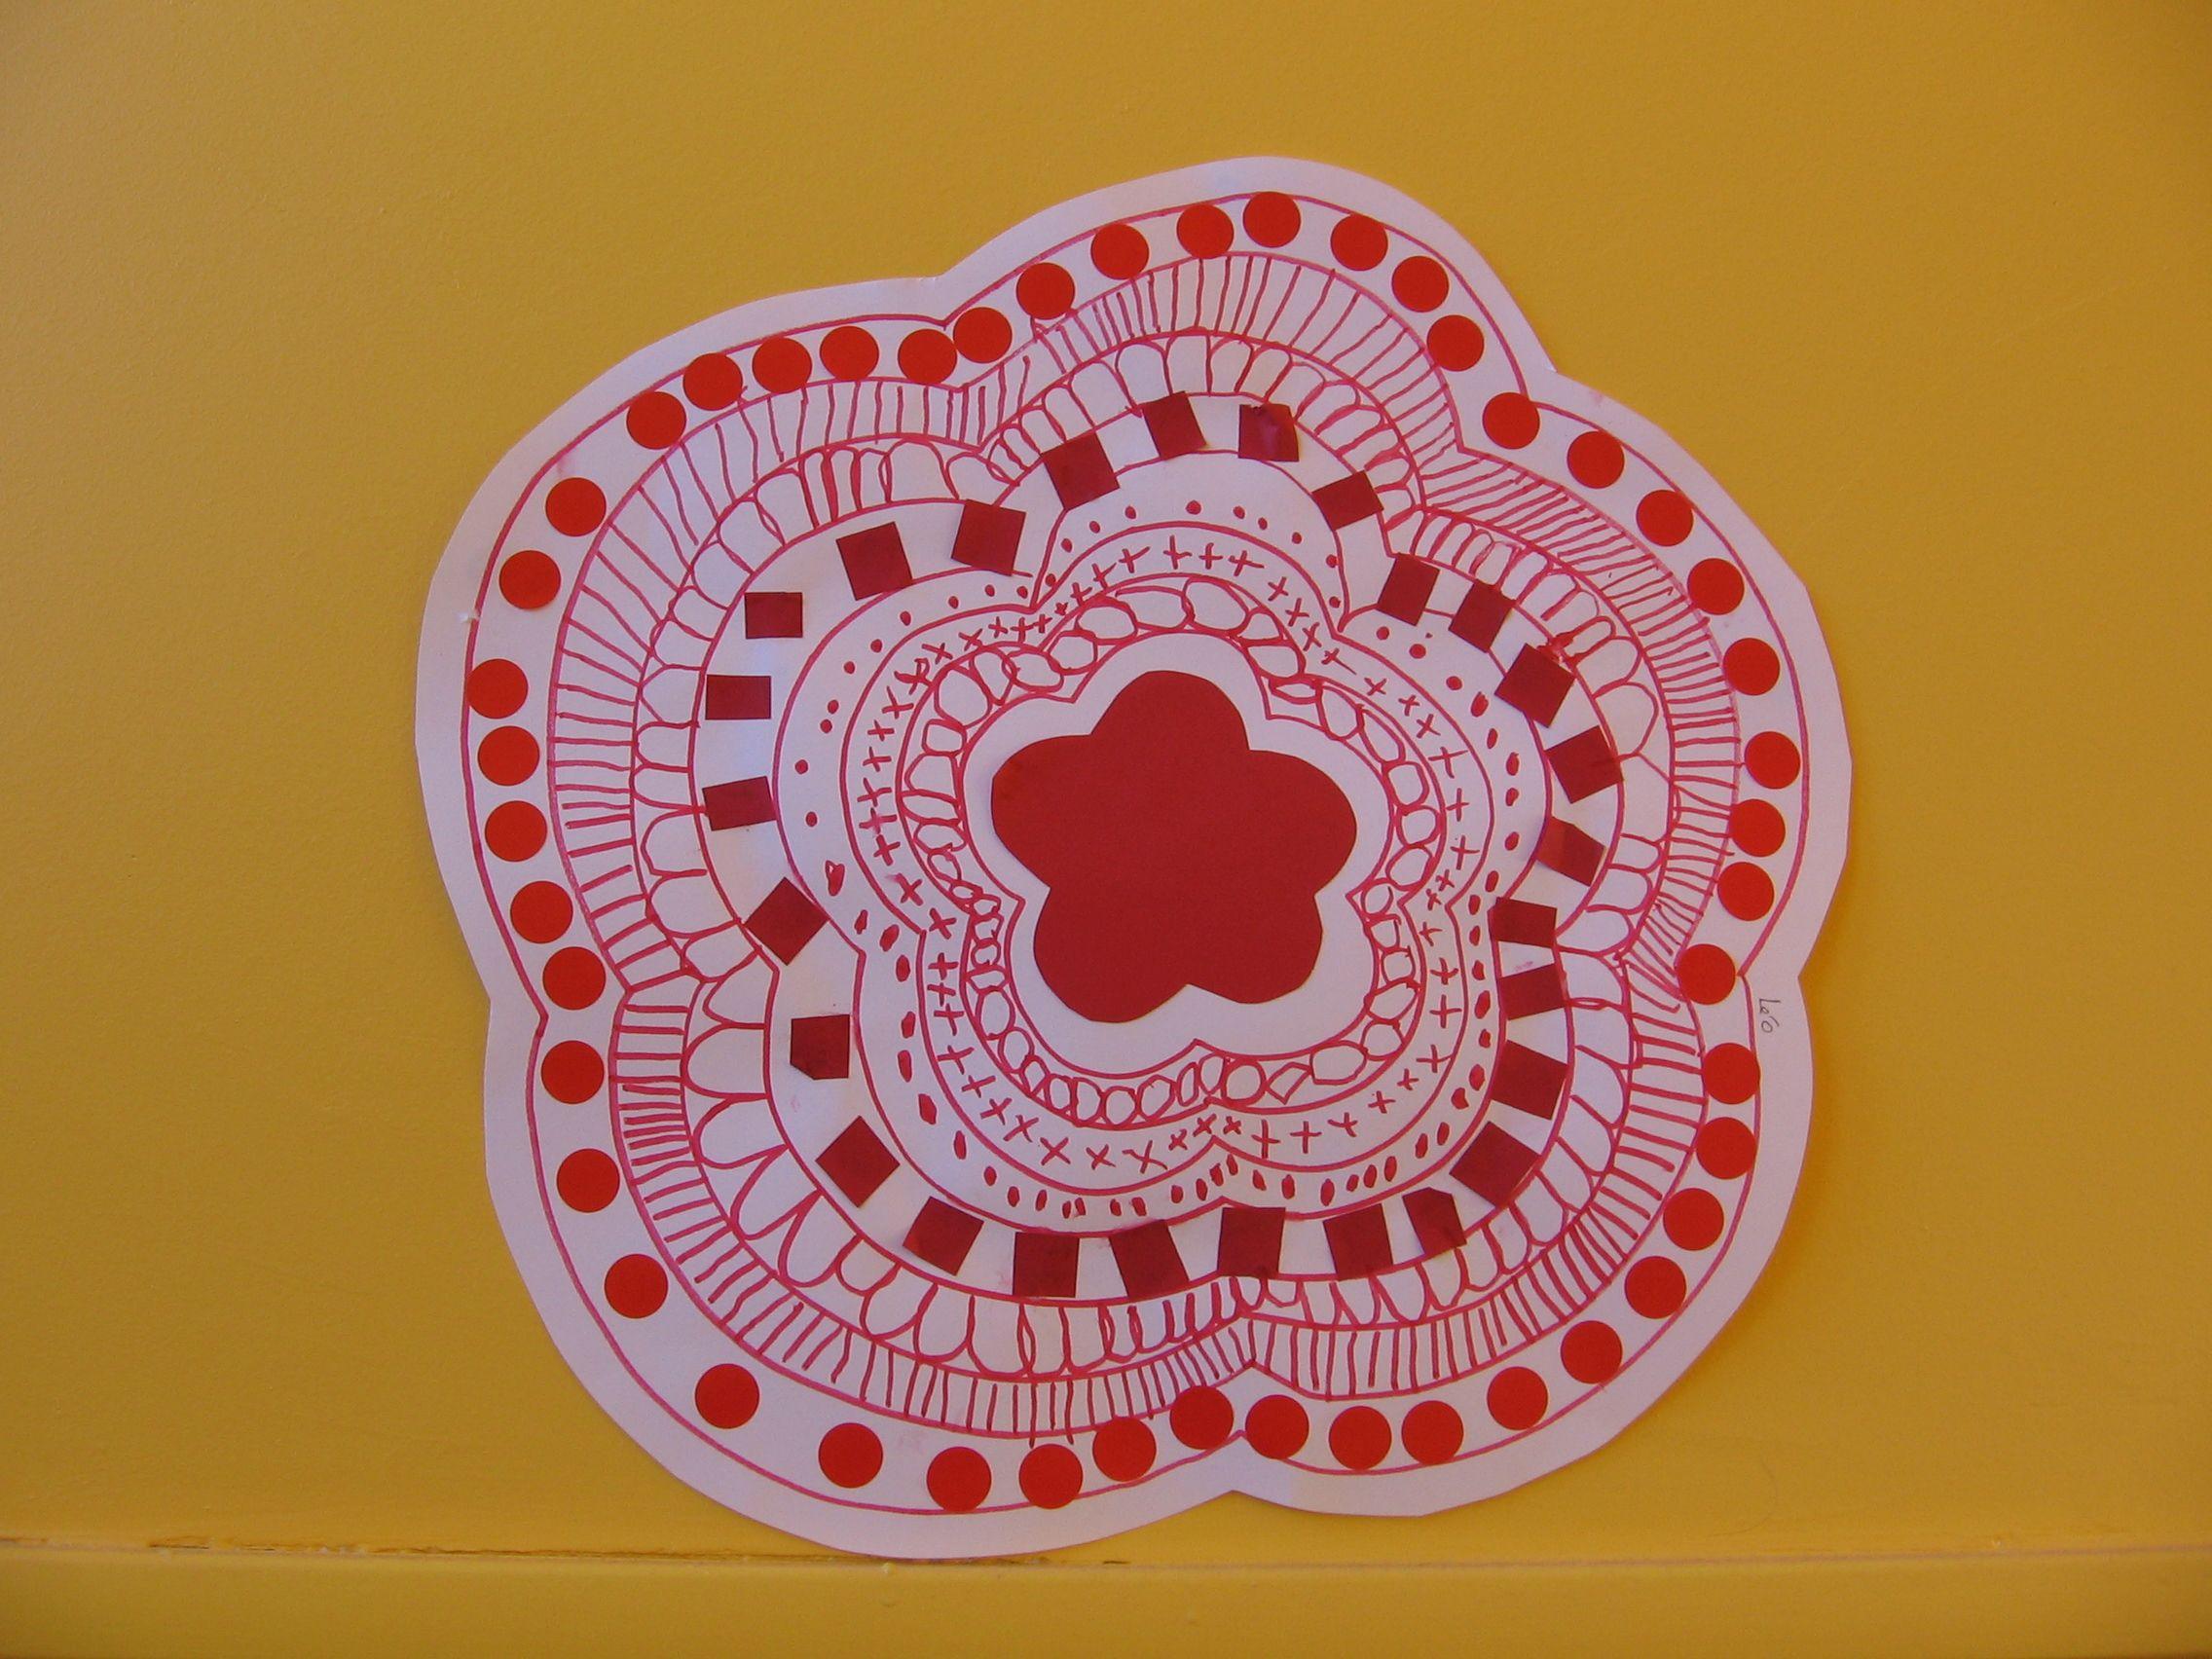 Graphisme Et Collage Fleur Grande Section C. Fristot dedans Graphisme Décoratif Grande Section